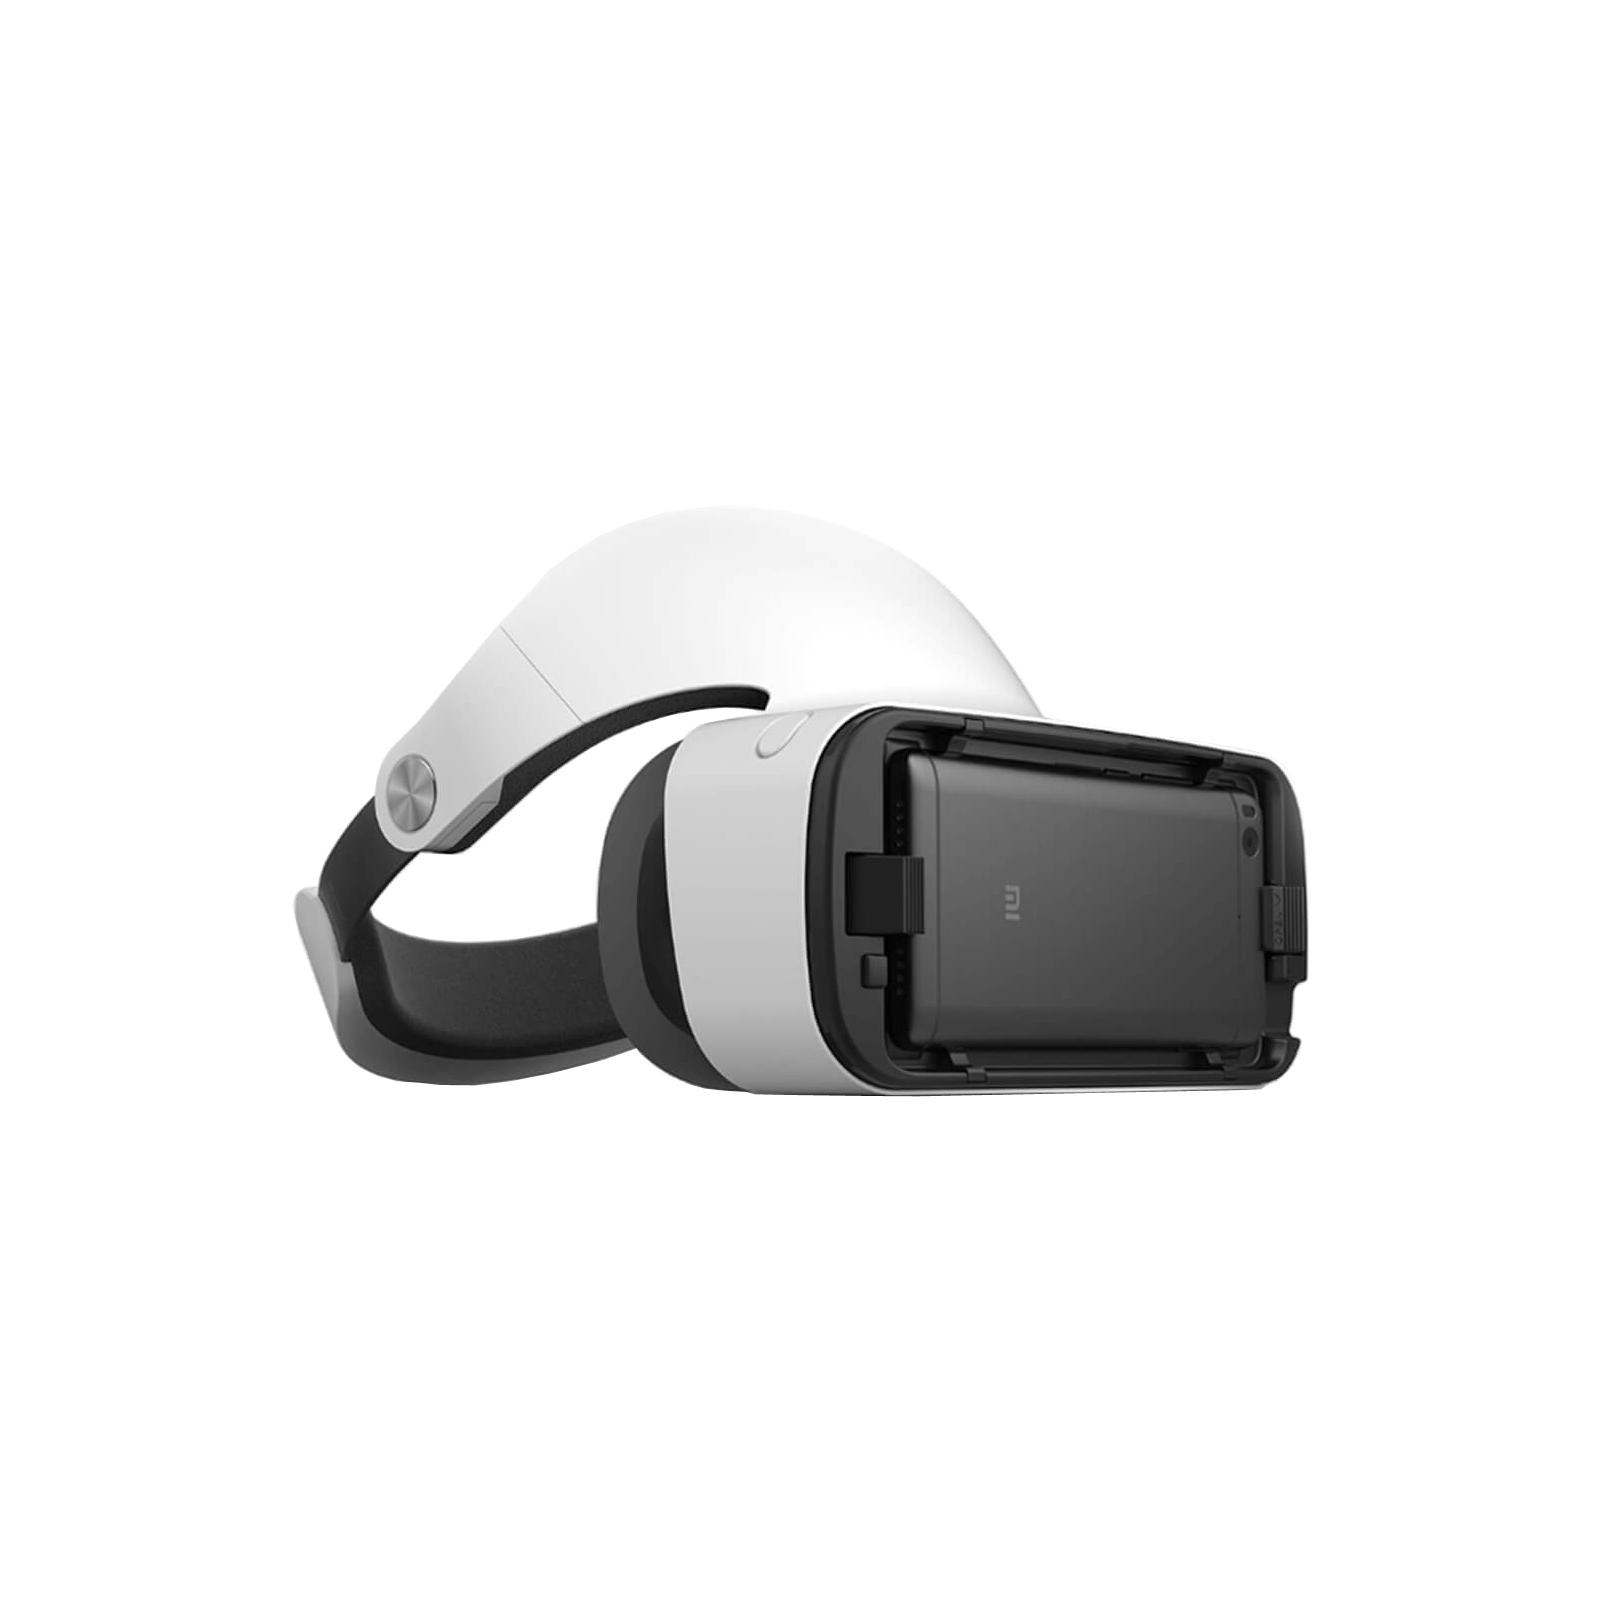 Окуляри віртуальної реальності Xiaomi Mi VR Headset White (RGG4021CN)  зображення 4 07437ec6676a7